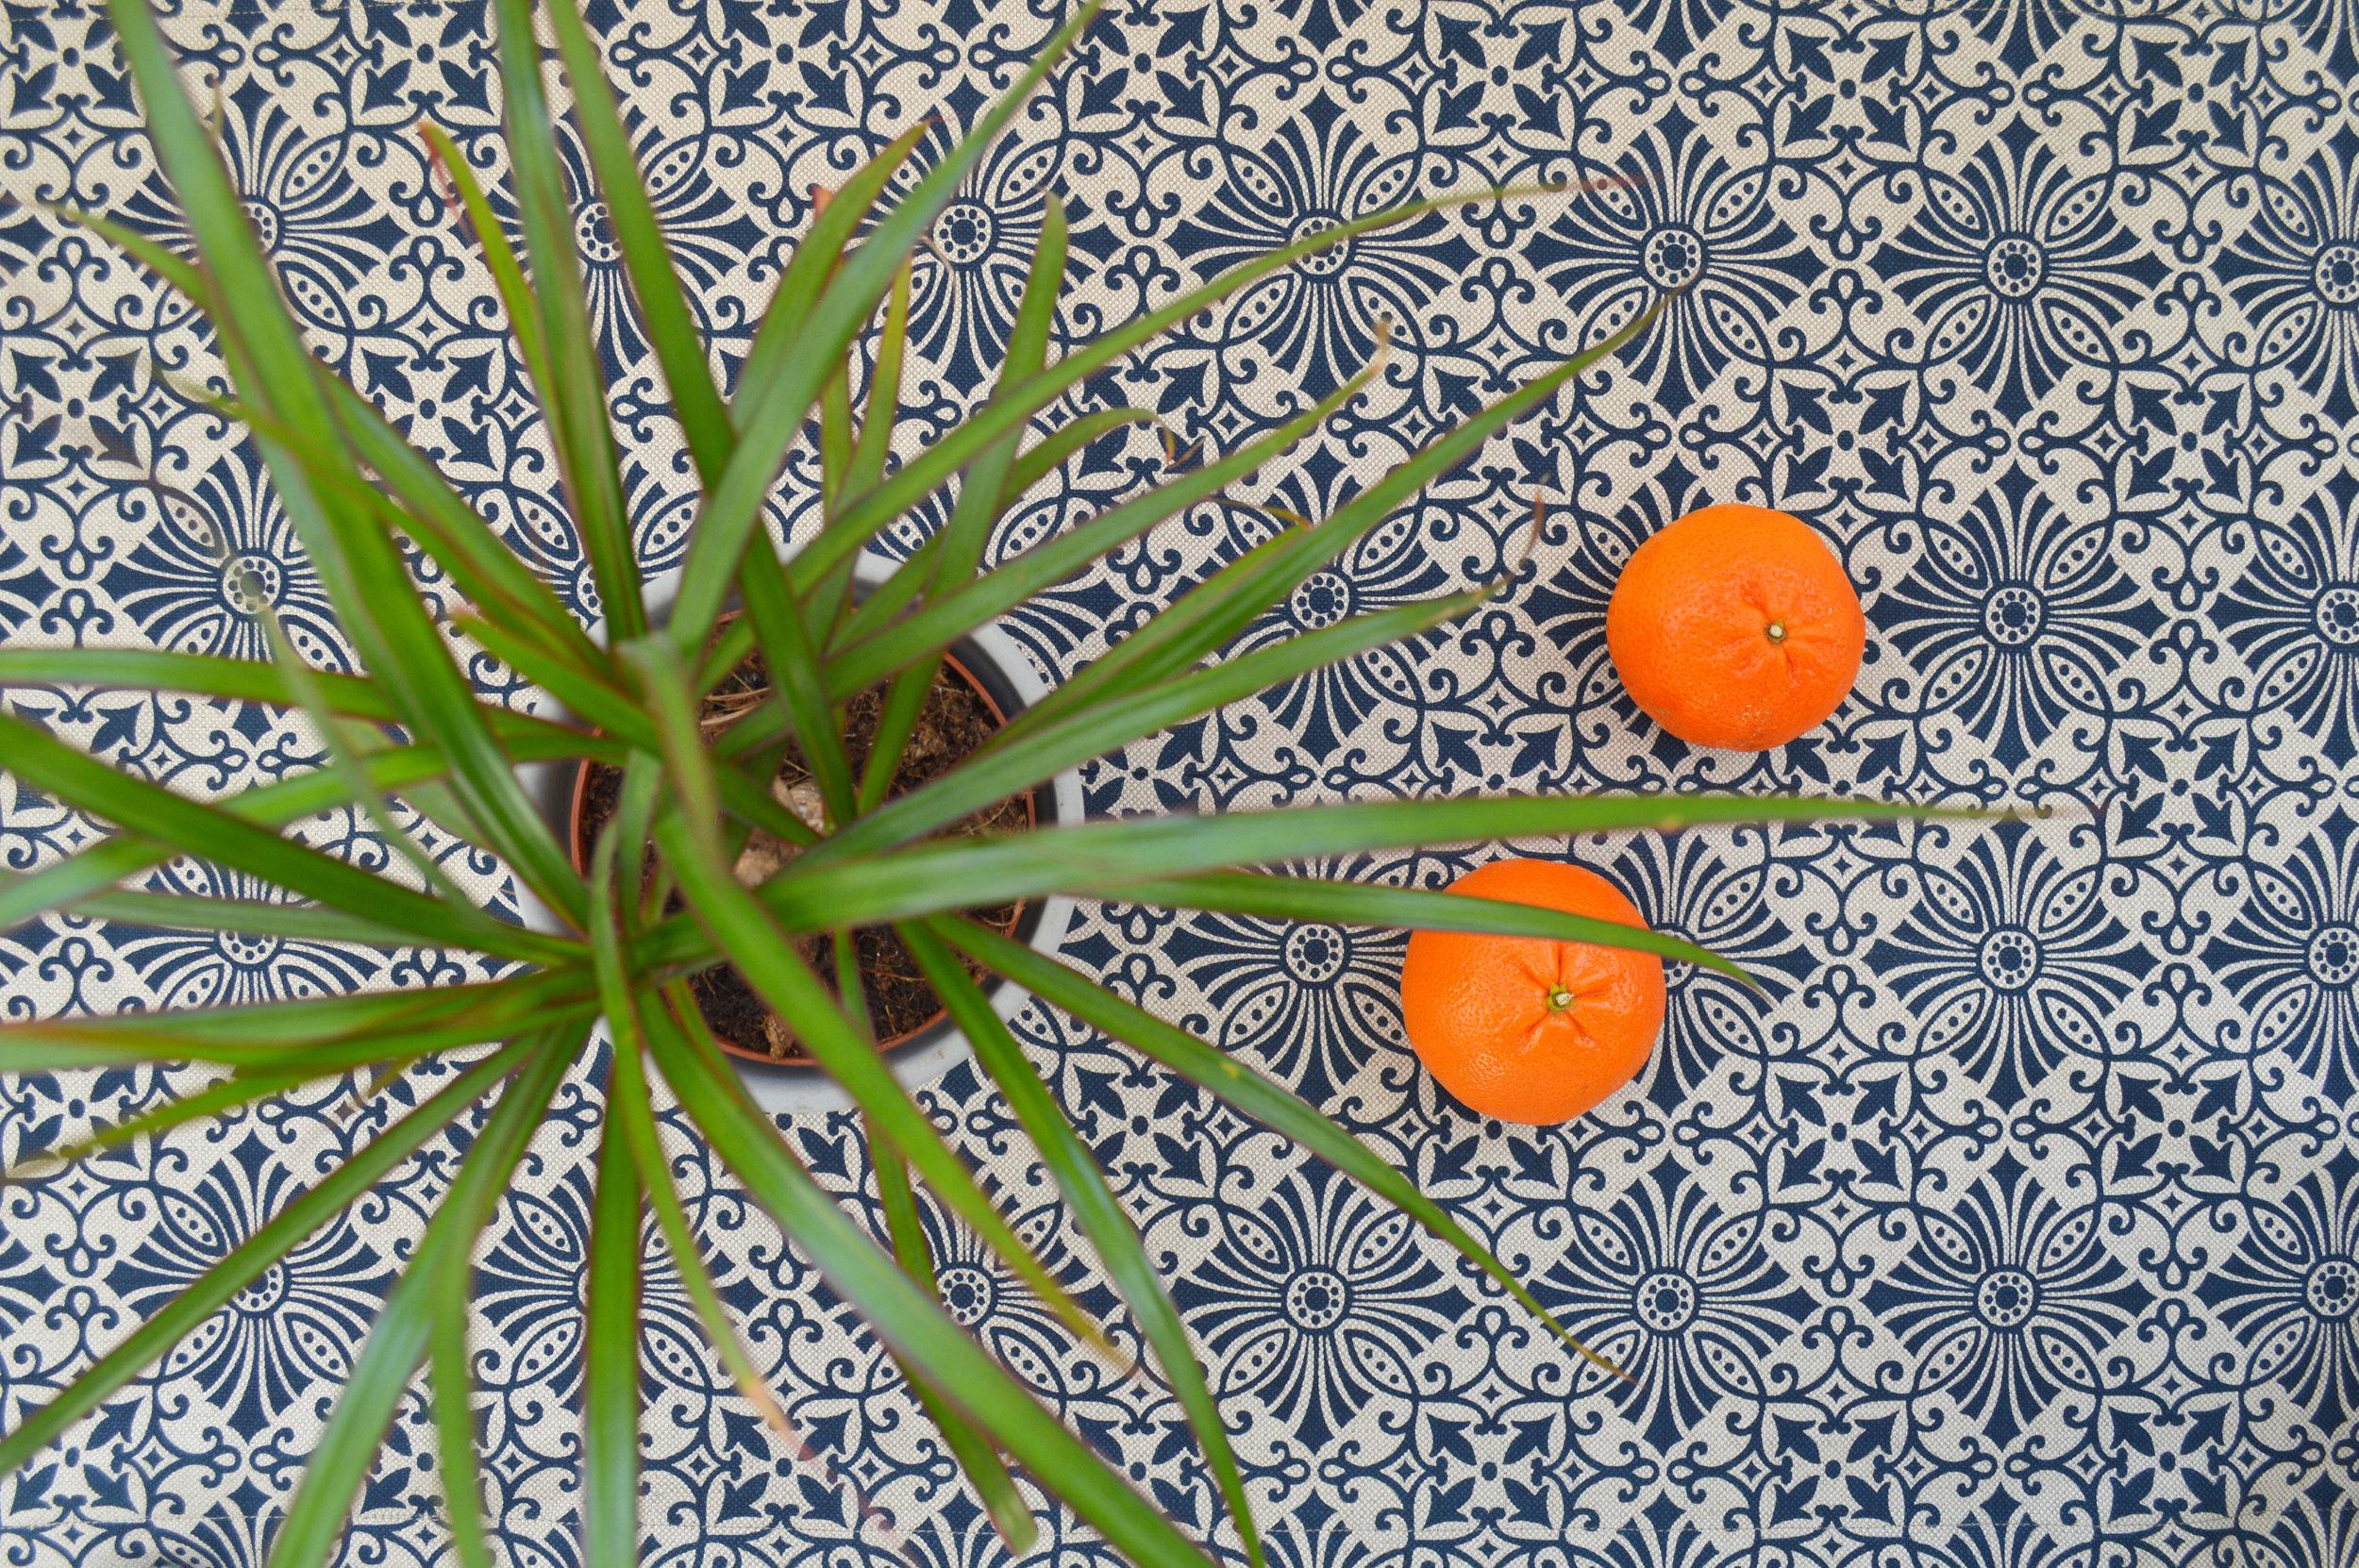 Floral Tile Table runner detail.jpg